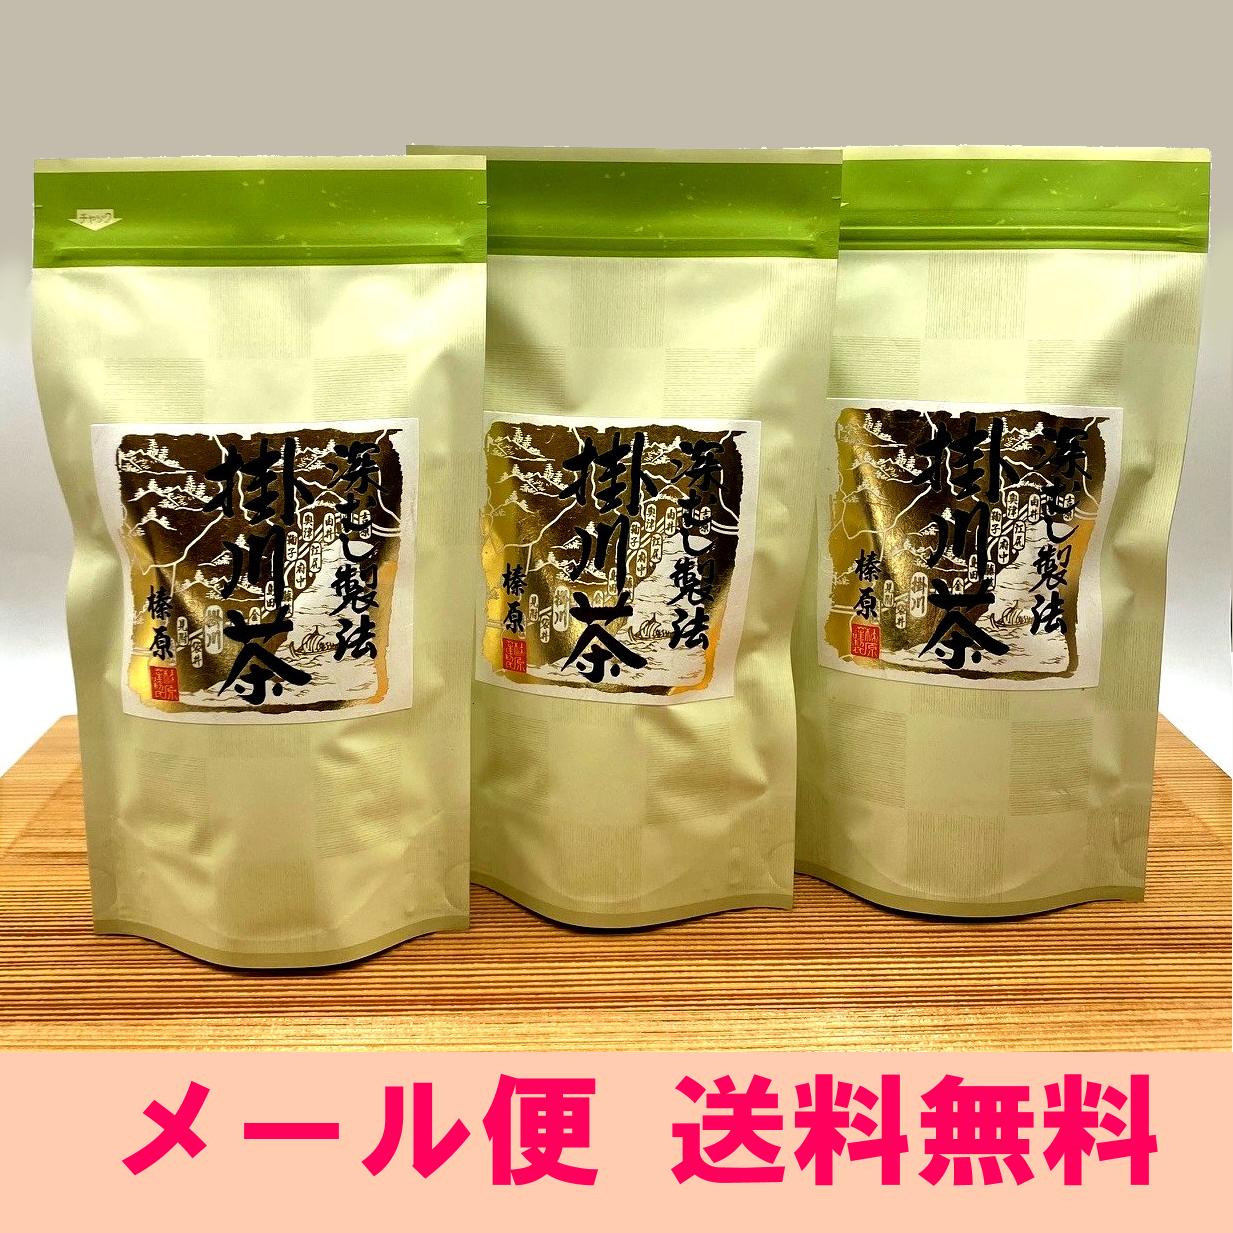 【メール便送料無料】深蒸し掛川茶<世界農業遺産静岡の茶草場農法茶>